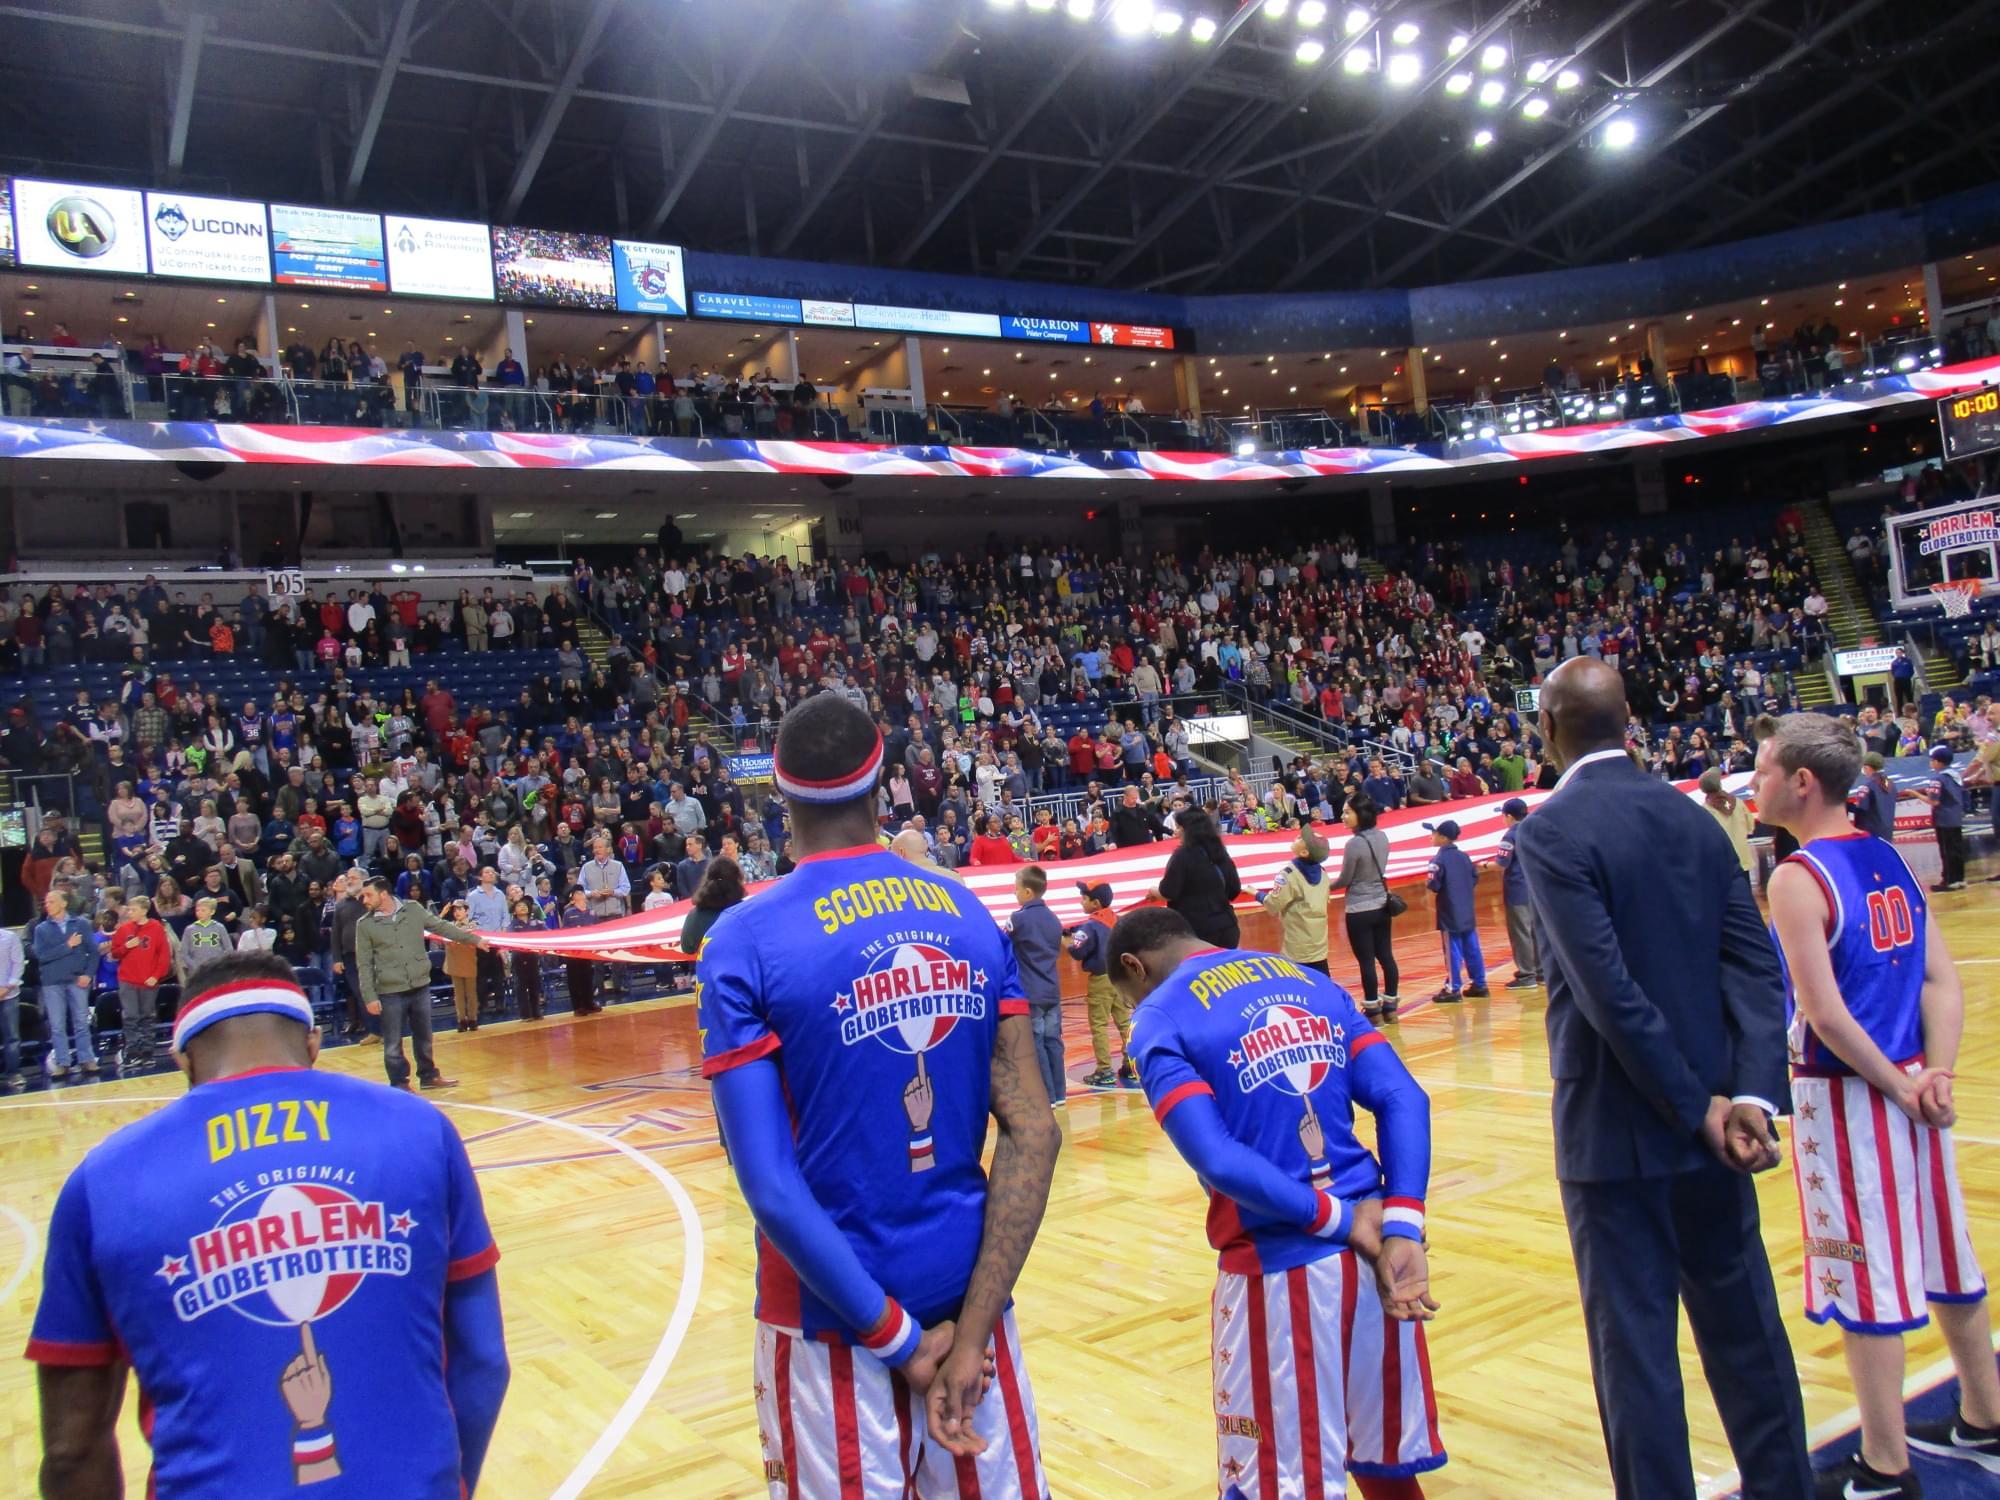 Harlem Globetrotters at the Webster Bank Arena